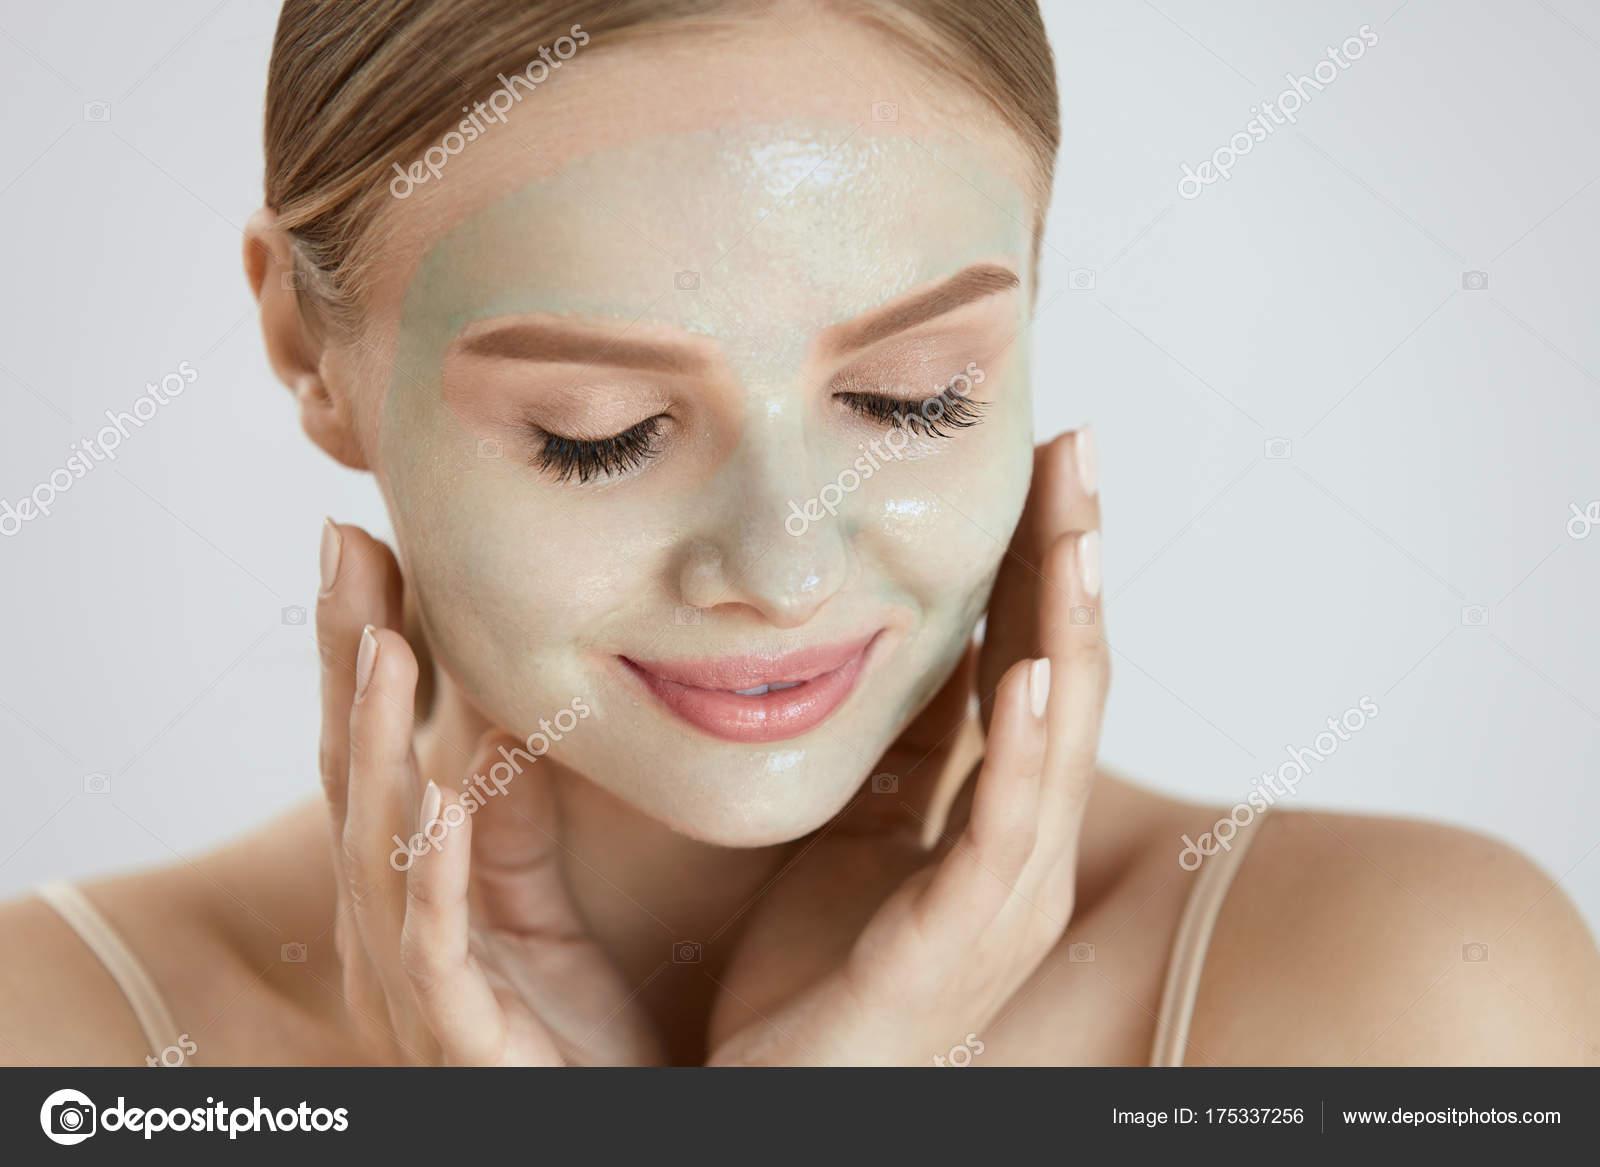 Yumuşak ve genç eller için ev yapımı maskeler